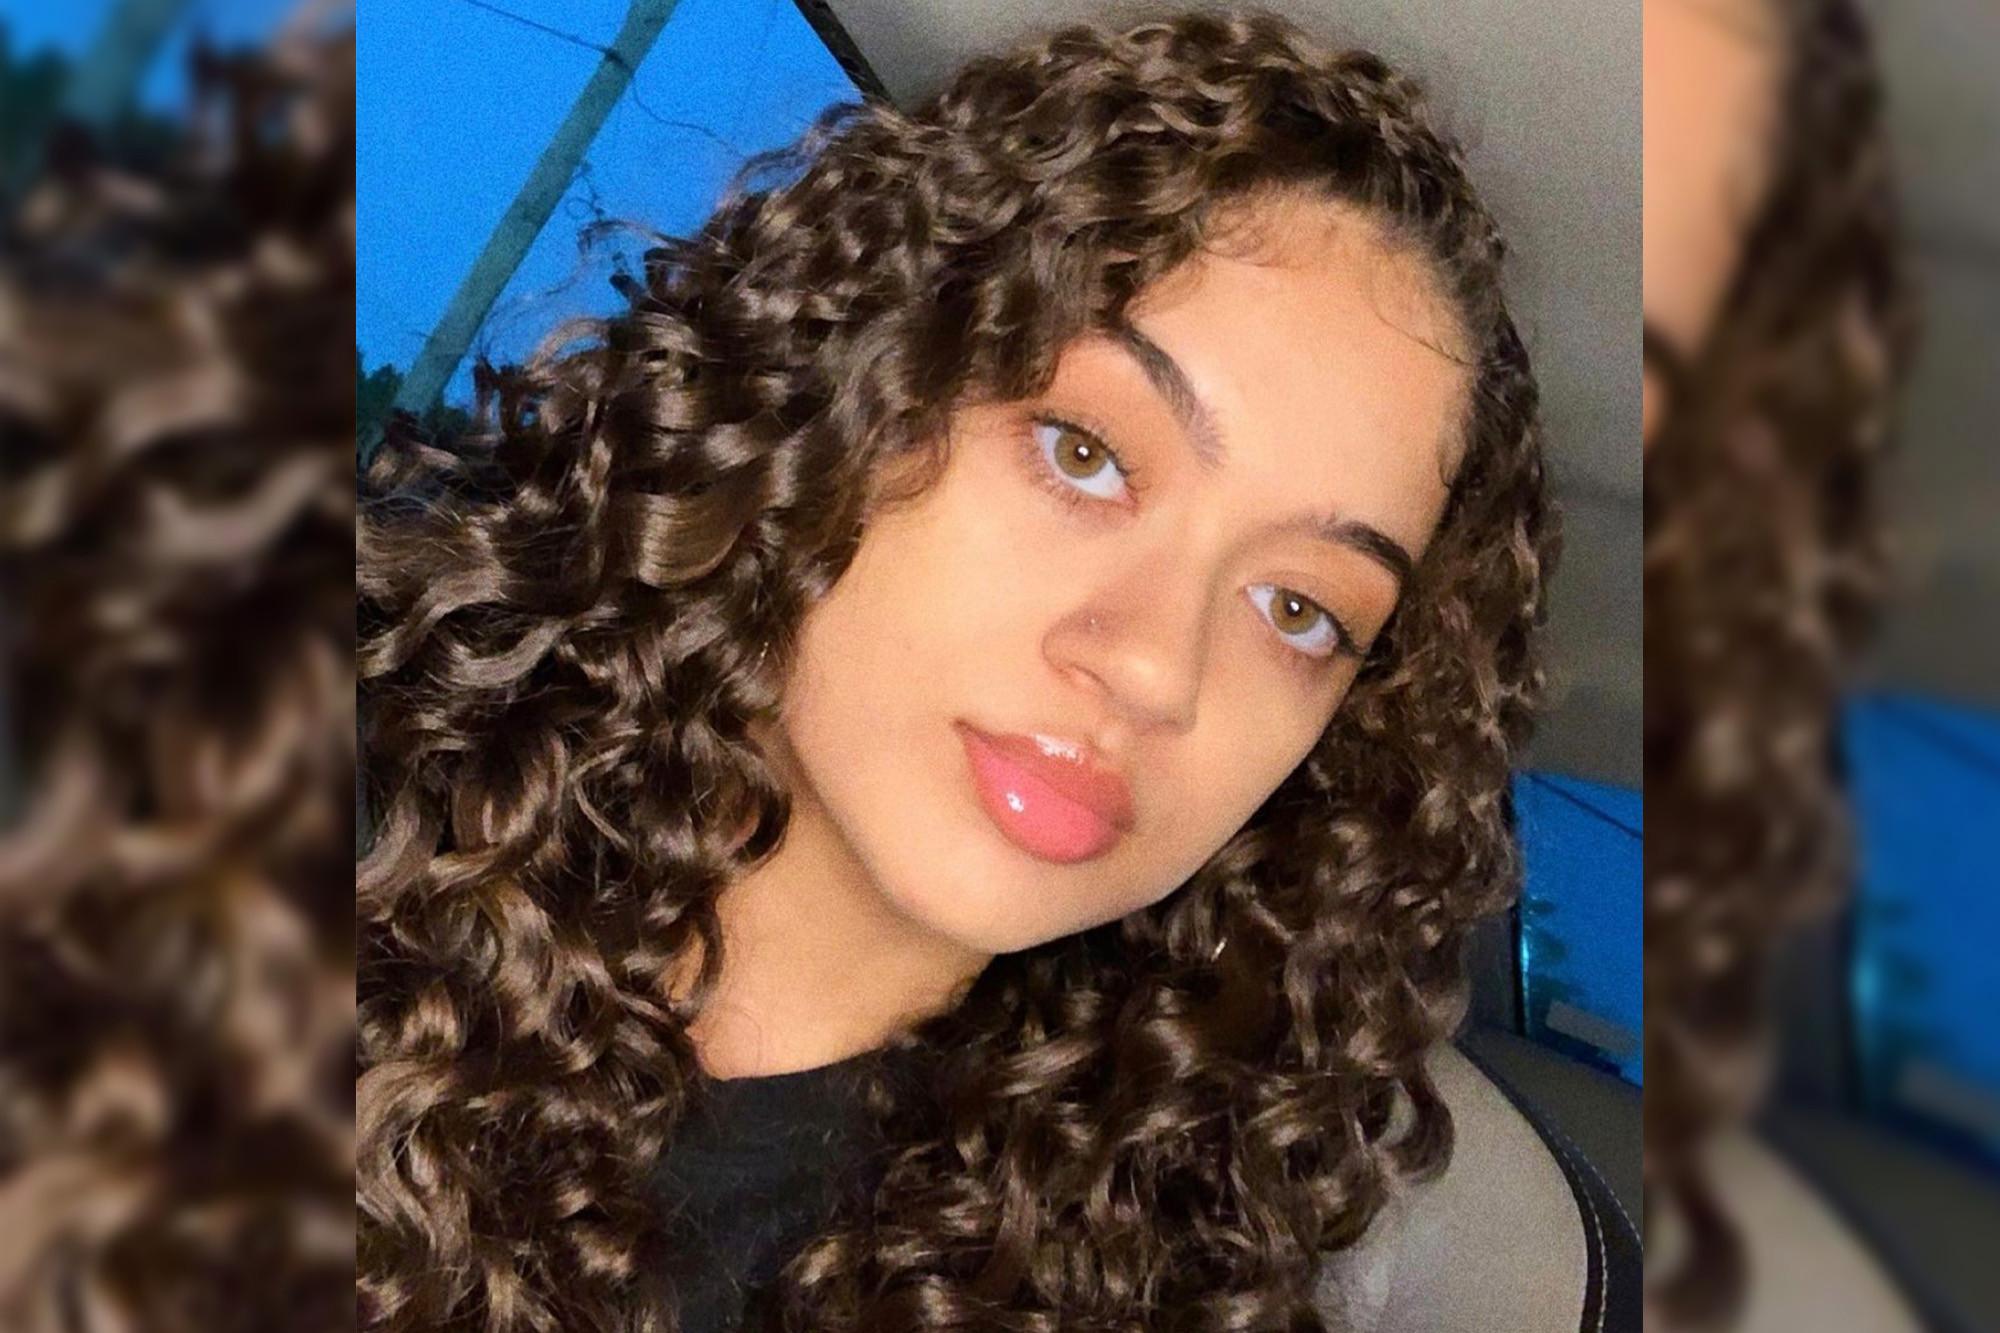 TikTok star Dazhariaa Quint Noyes died by suicide parents